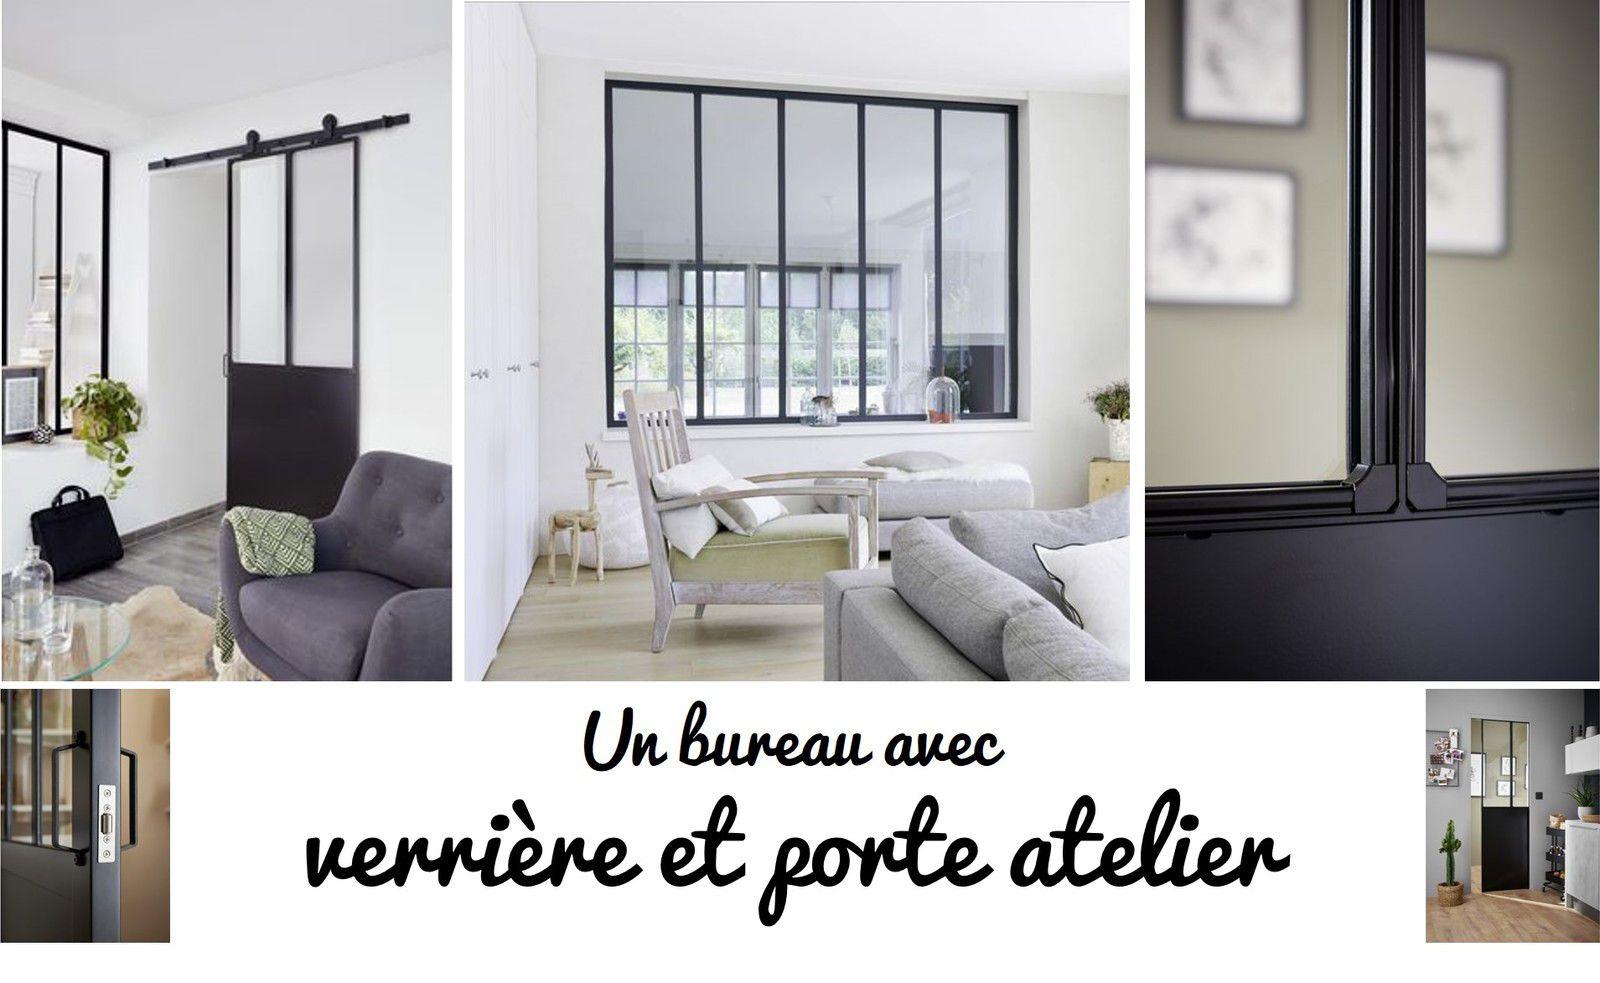 crédit photos : catalogue Lapeyre